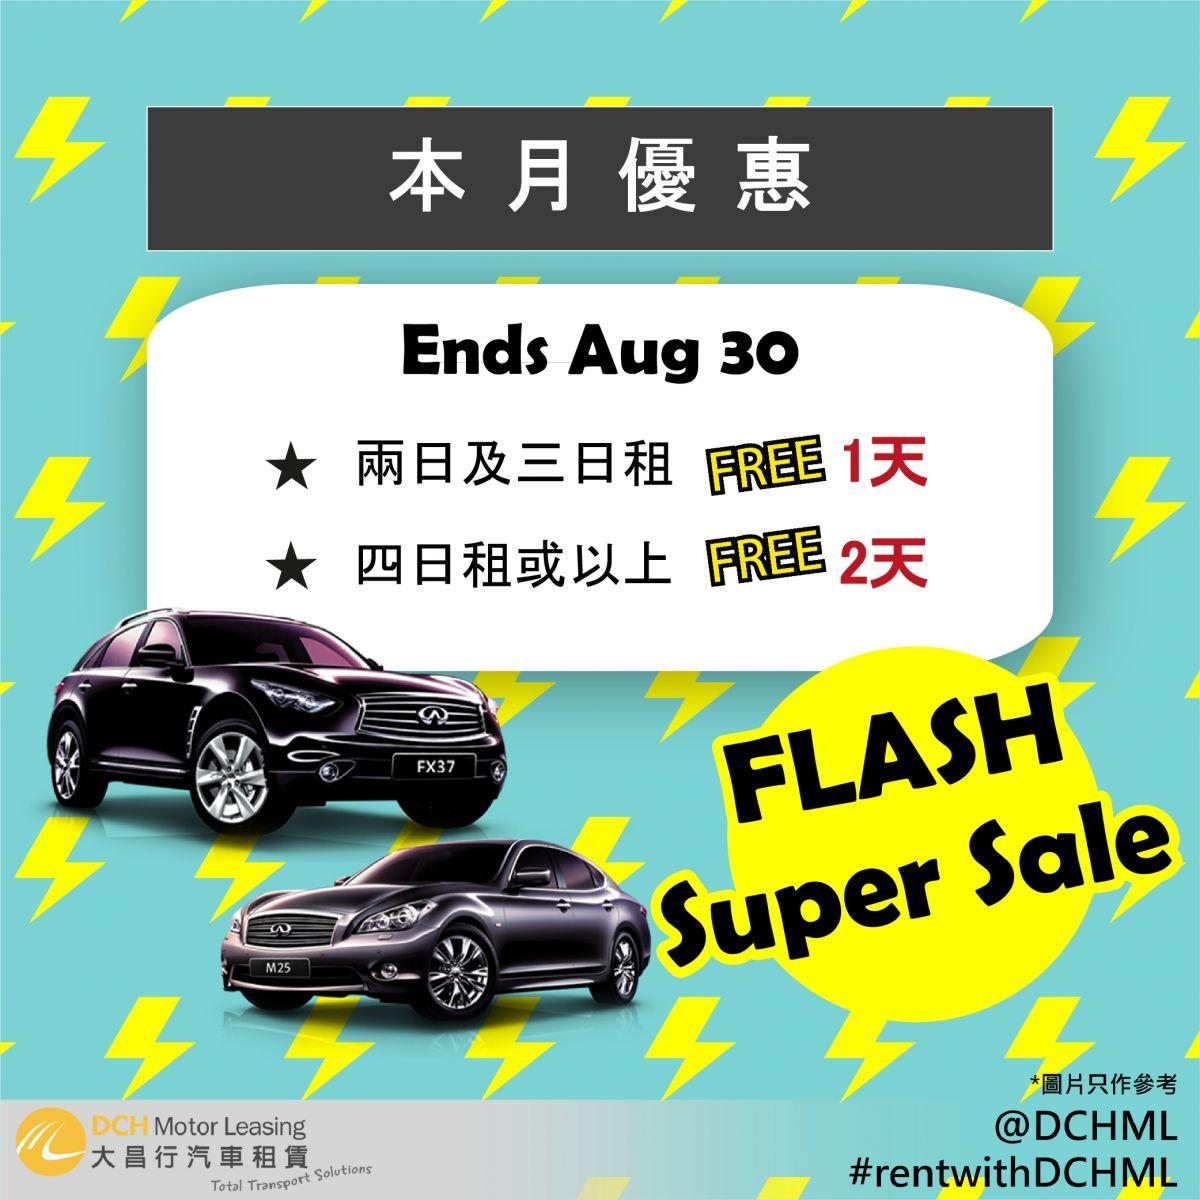 DCH Motor Leasing 大昌行(汽車租賃服務)有限公司